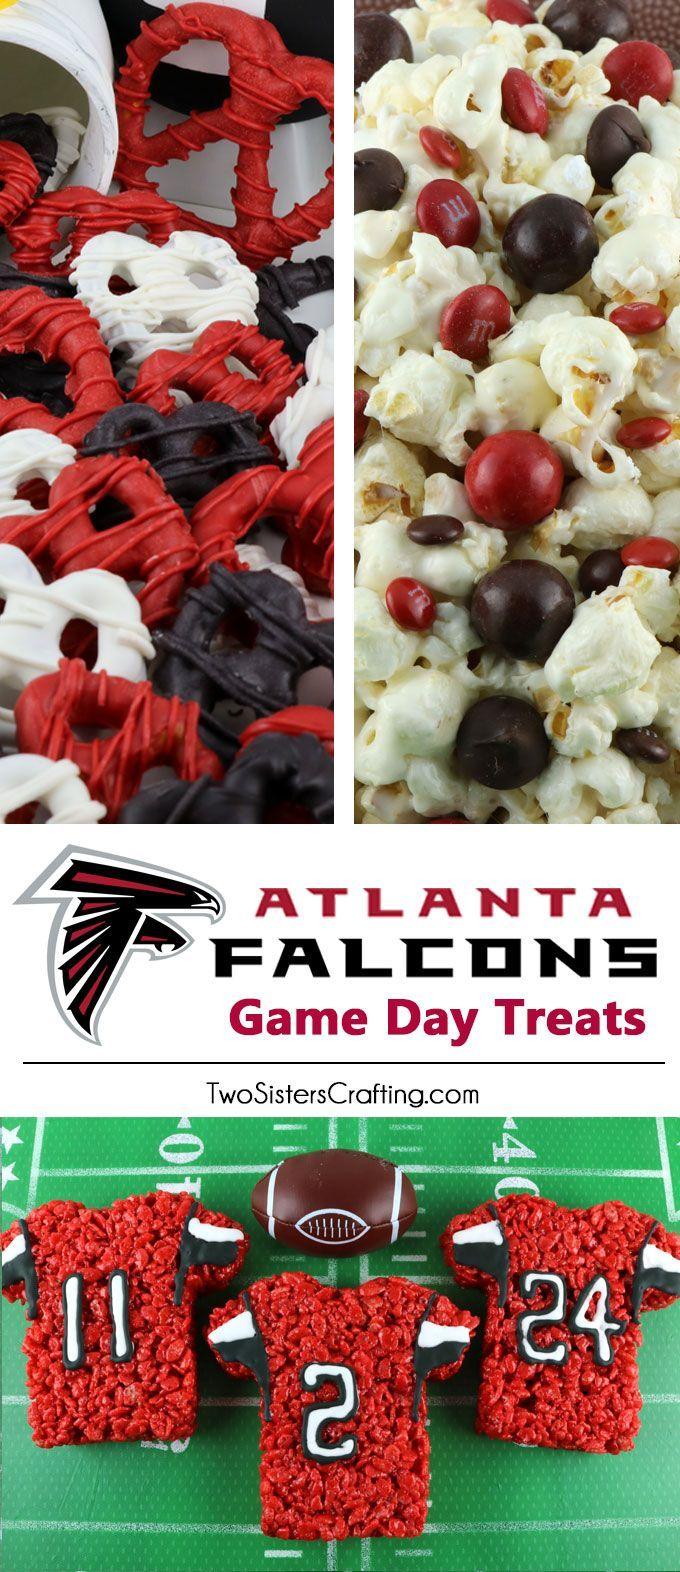 Atlanta Falcons Game Day Treats Super Bowl Treats Super Bowl Food